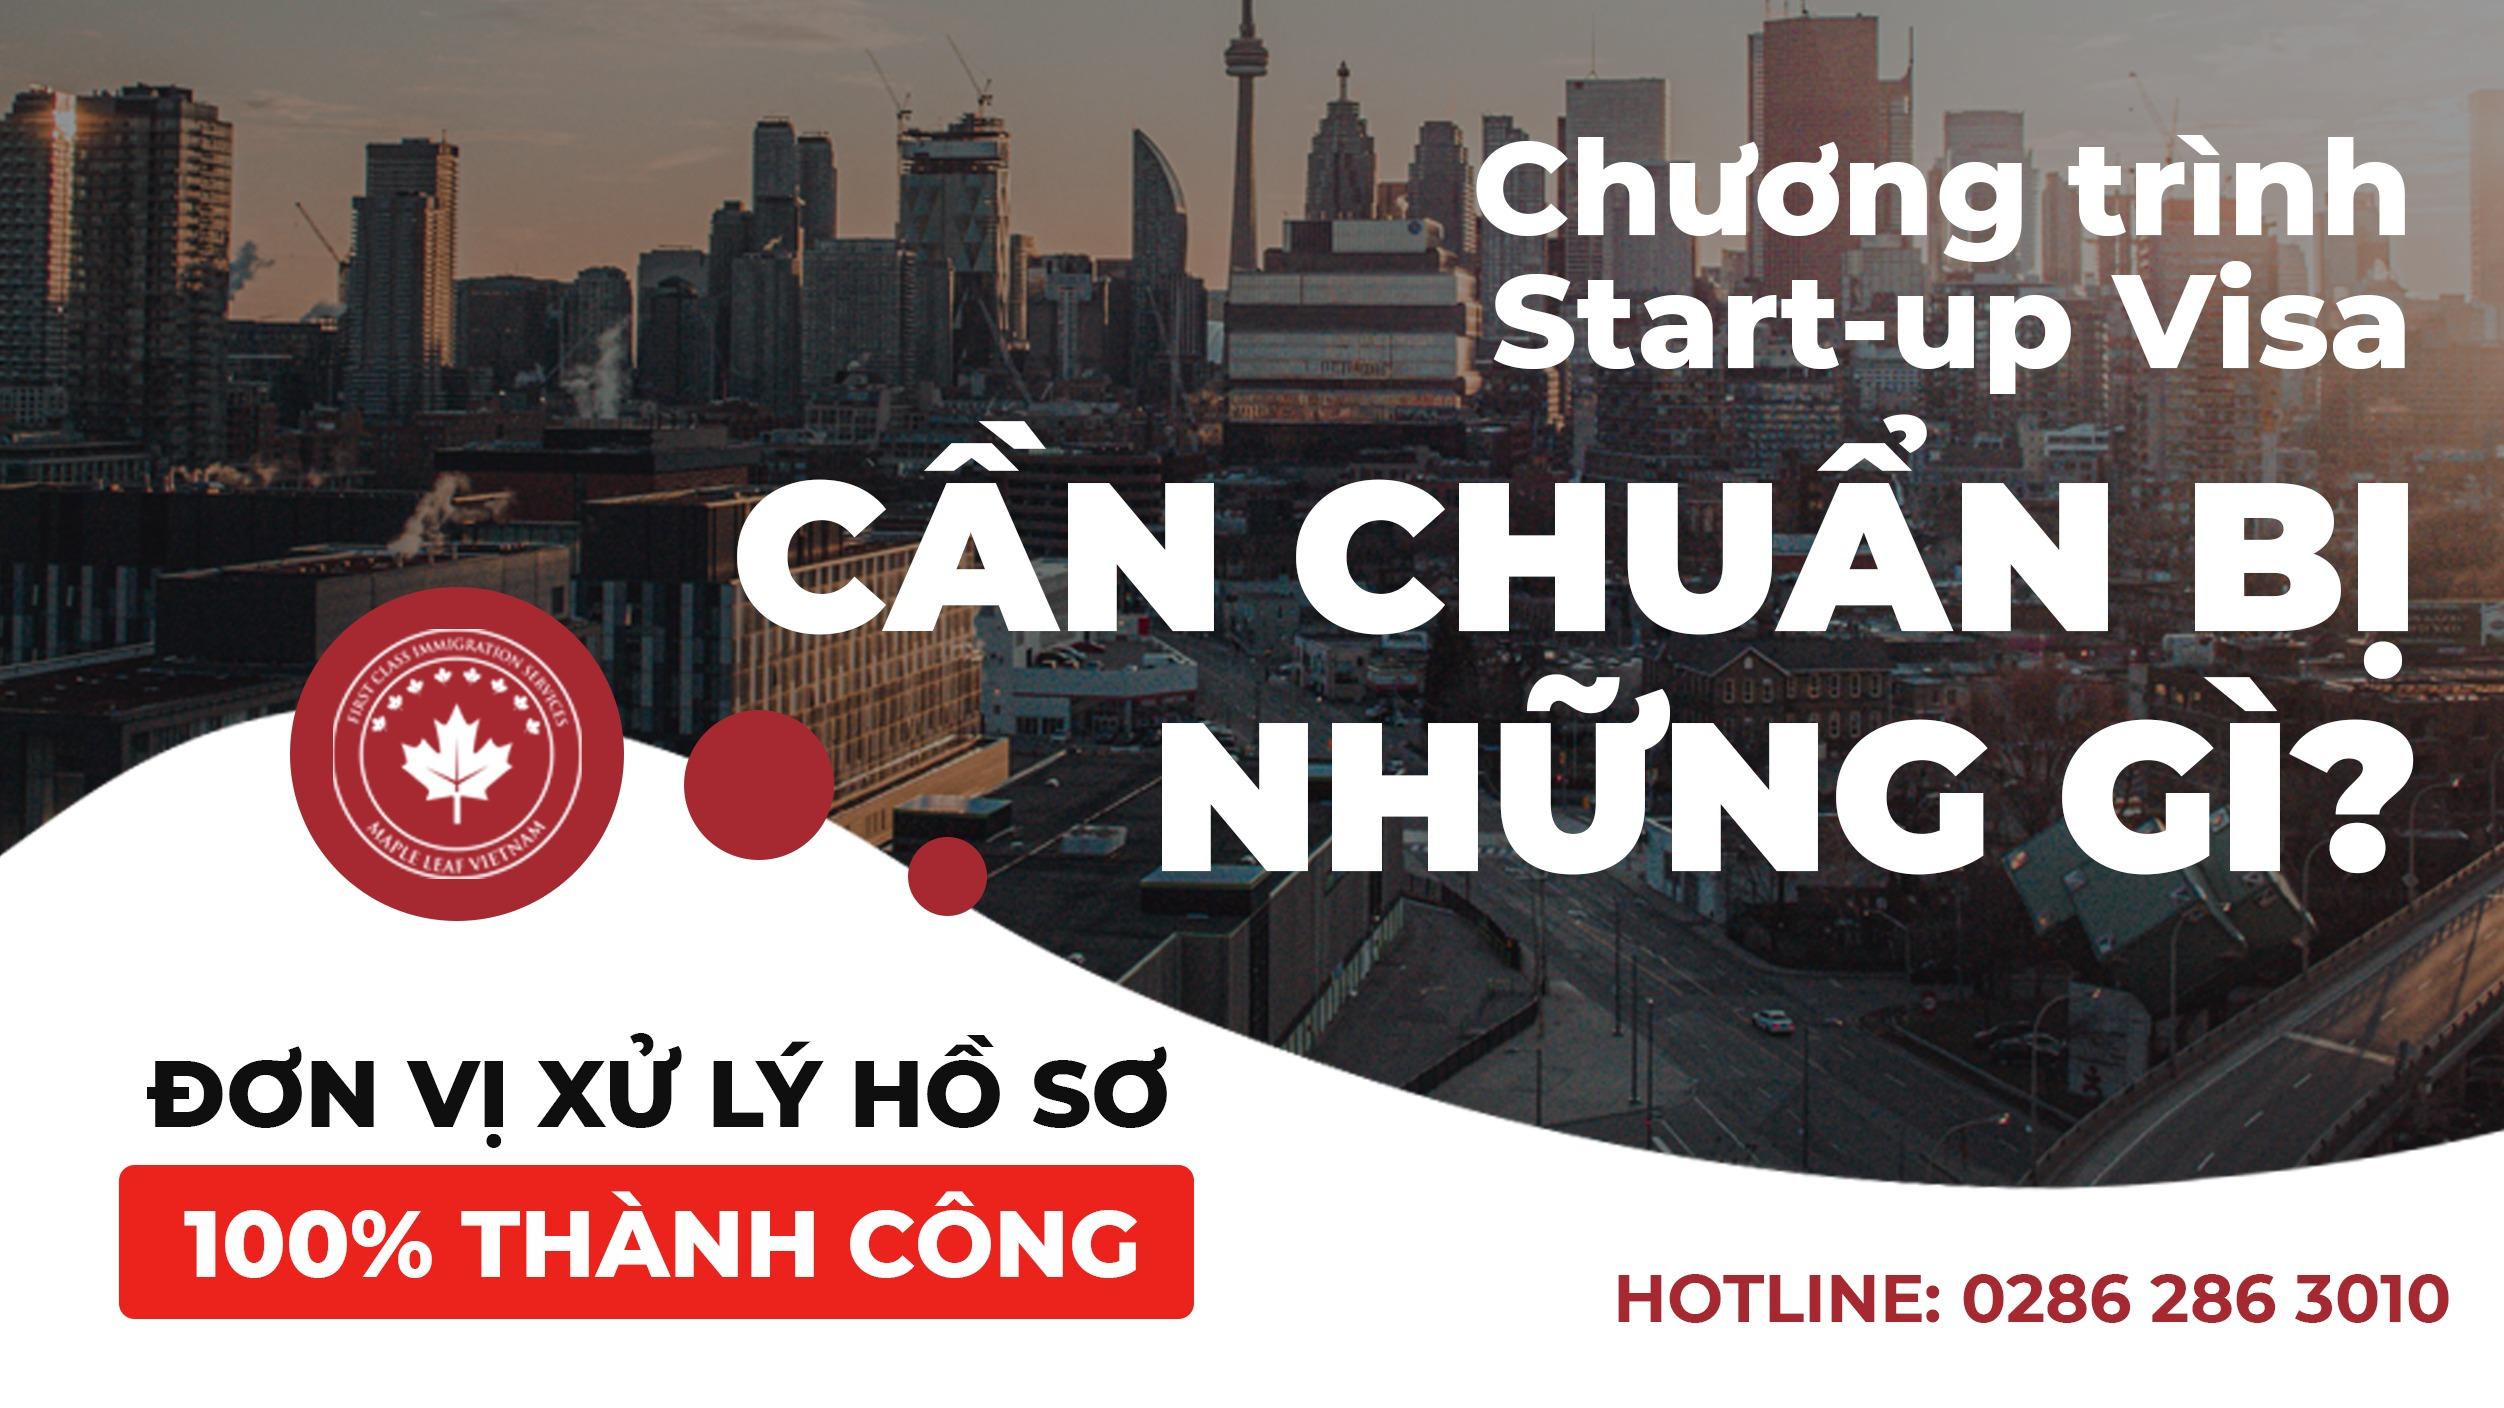 can-chuan-bi-nhung-gi-cho-chuong-trinh-start-up-visa